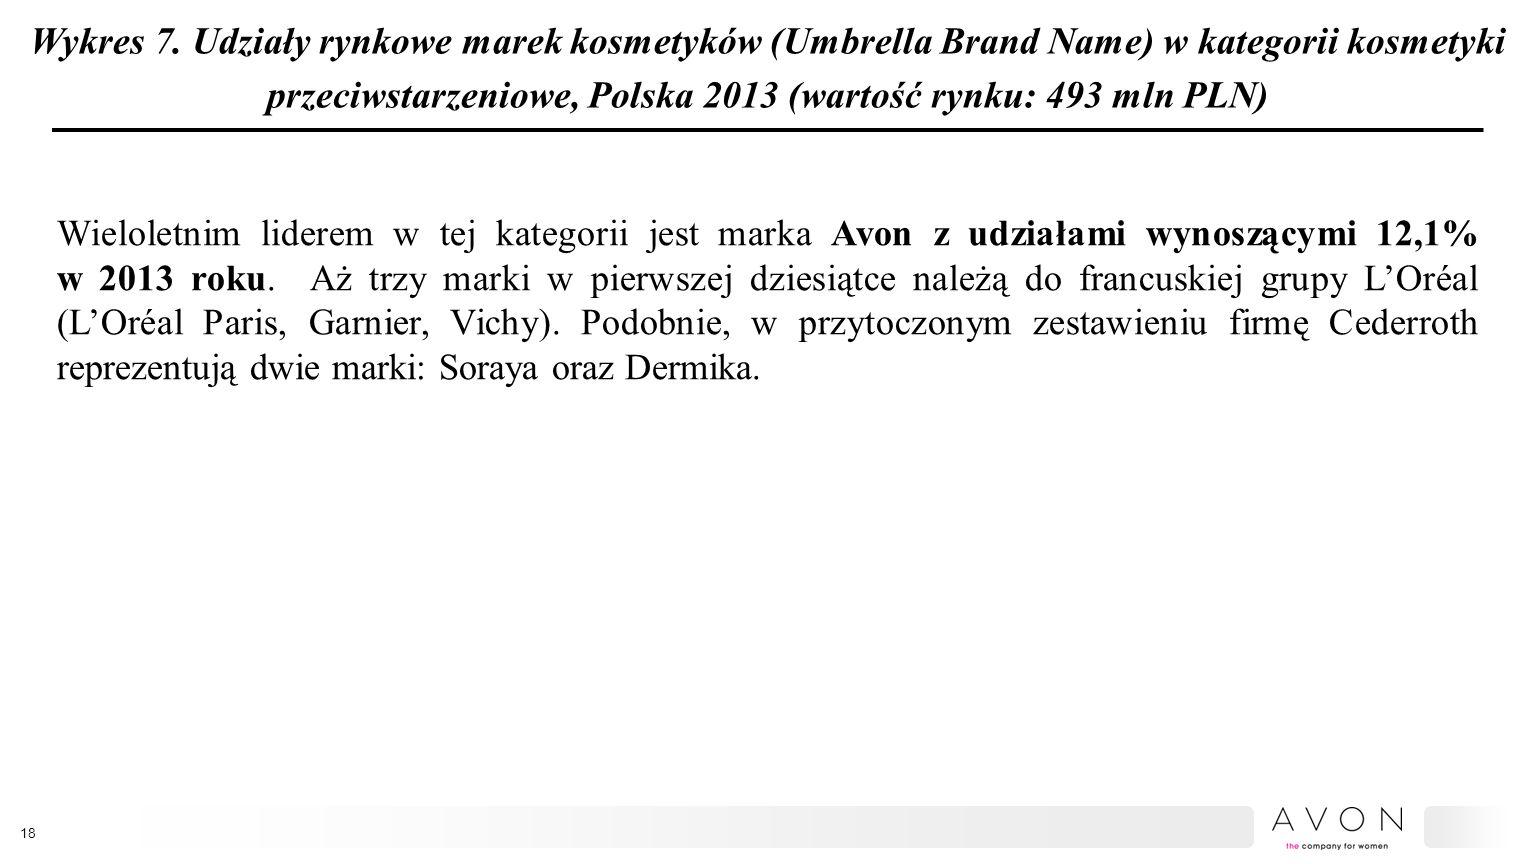 Wykres 7. Udziały rynkowe marek kosmetyków (Umbrella Brand Name) w kategorii kosmetyki przeciwstarzeniowe, Polska 2013 (wartość rynku: 493 mln PLN) Wi